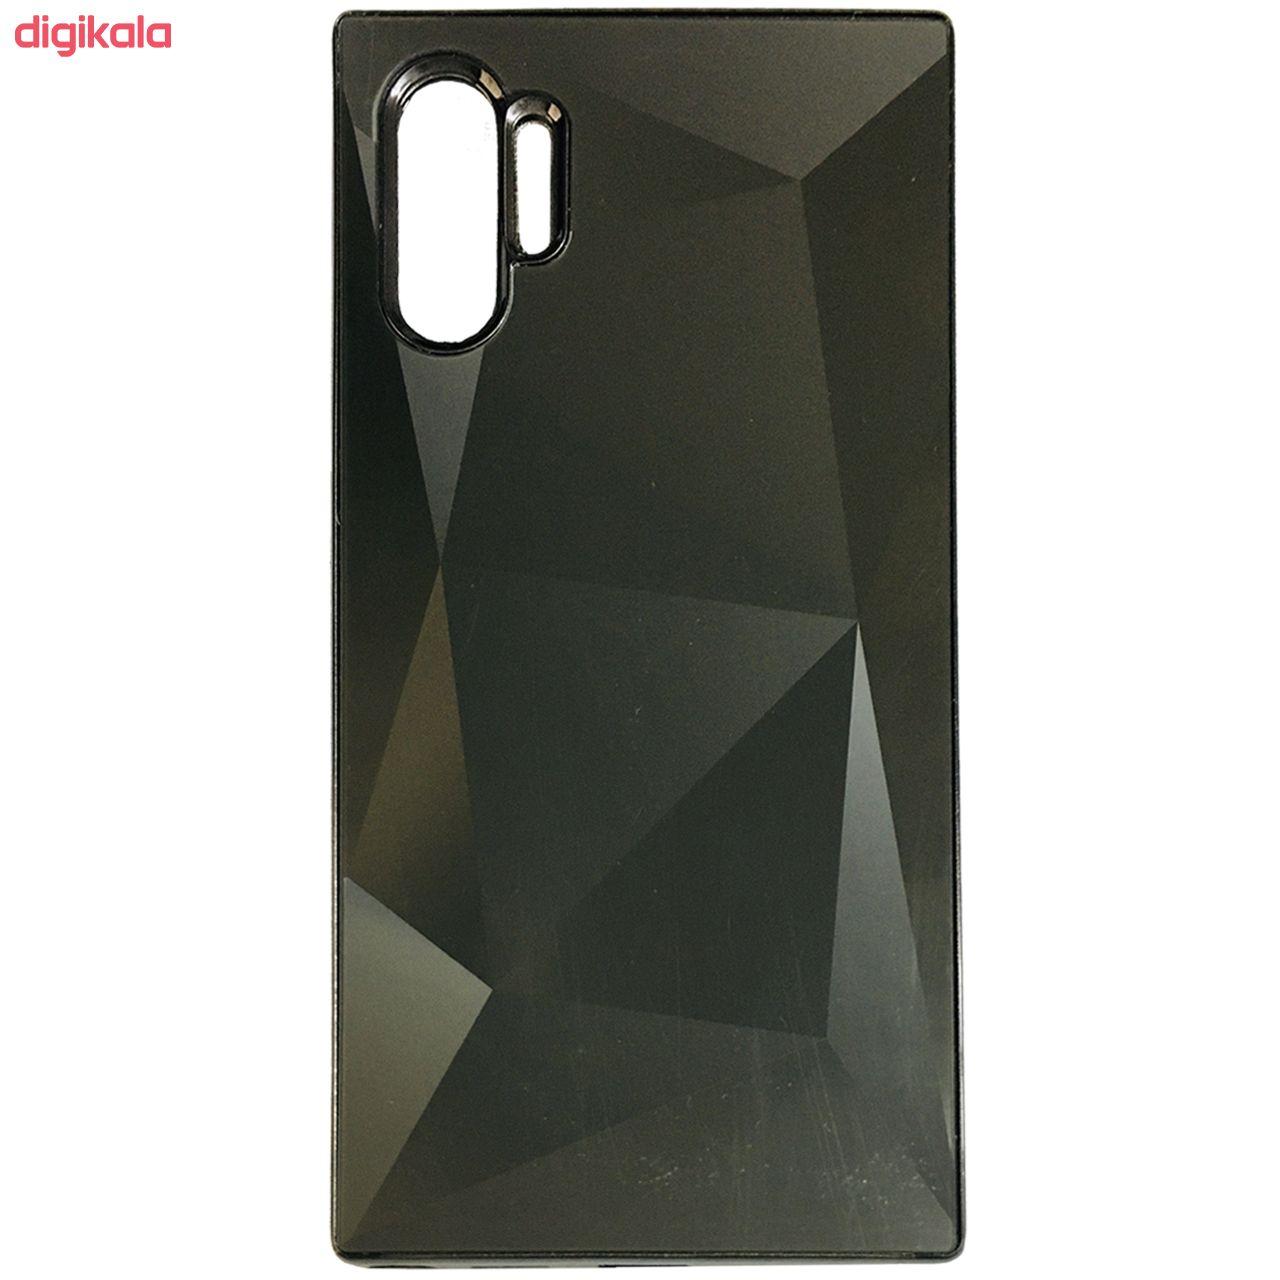 کاور طرح الماس کد 0015 مناسب برای گوشی موبایل سامسونگ Galaxy Note 10 Plus main 1 5